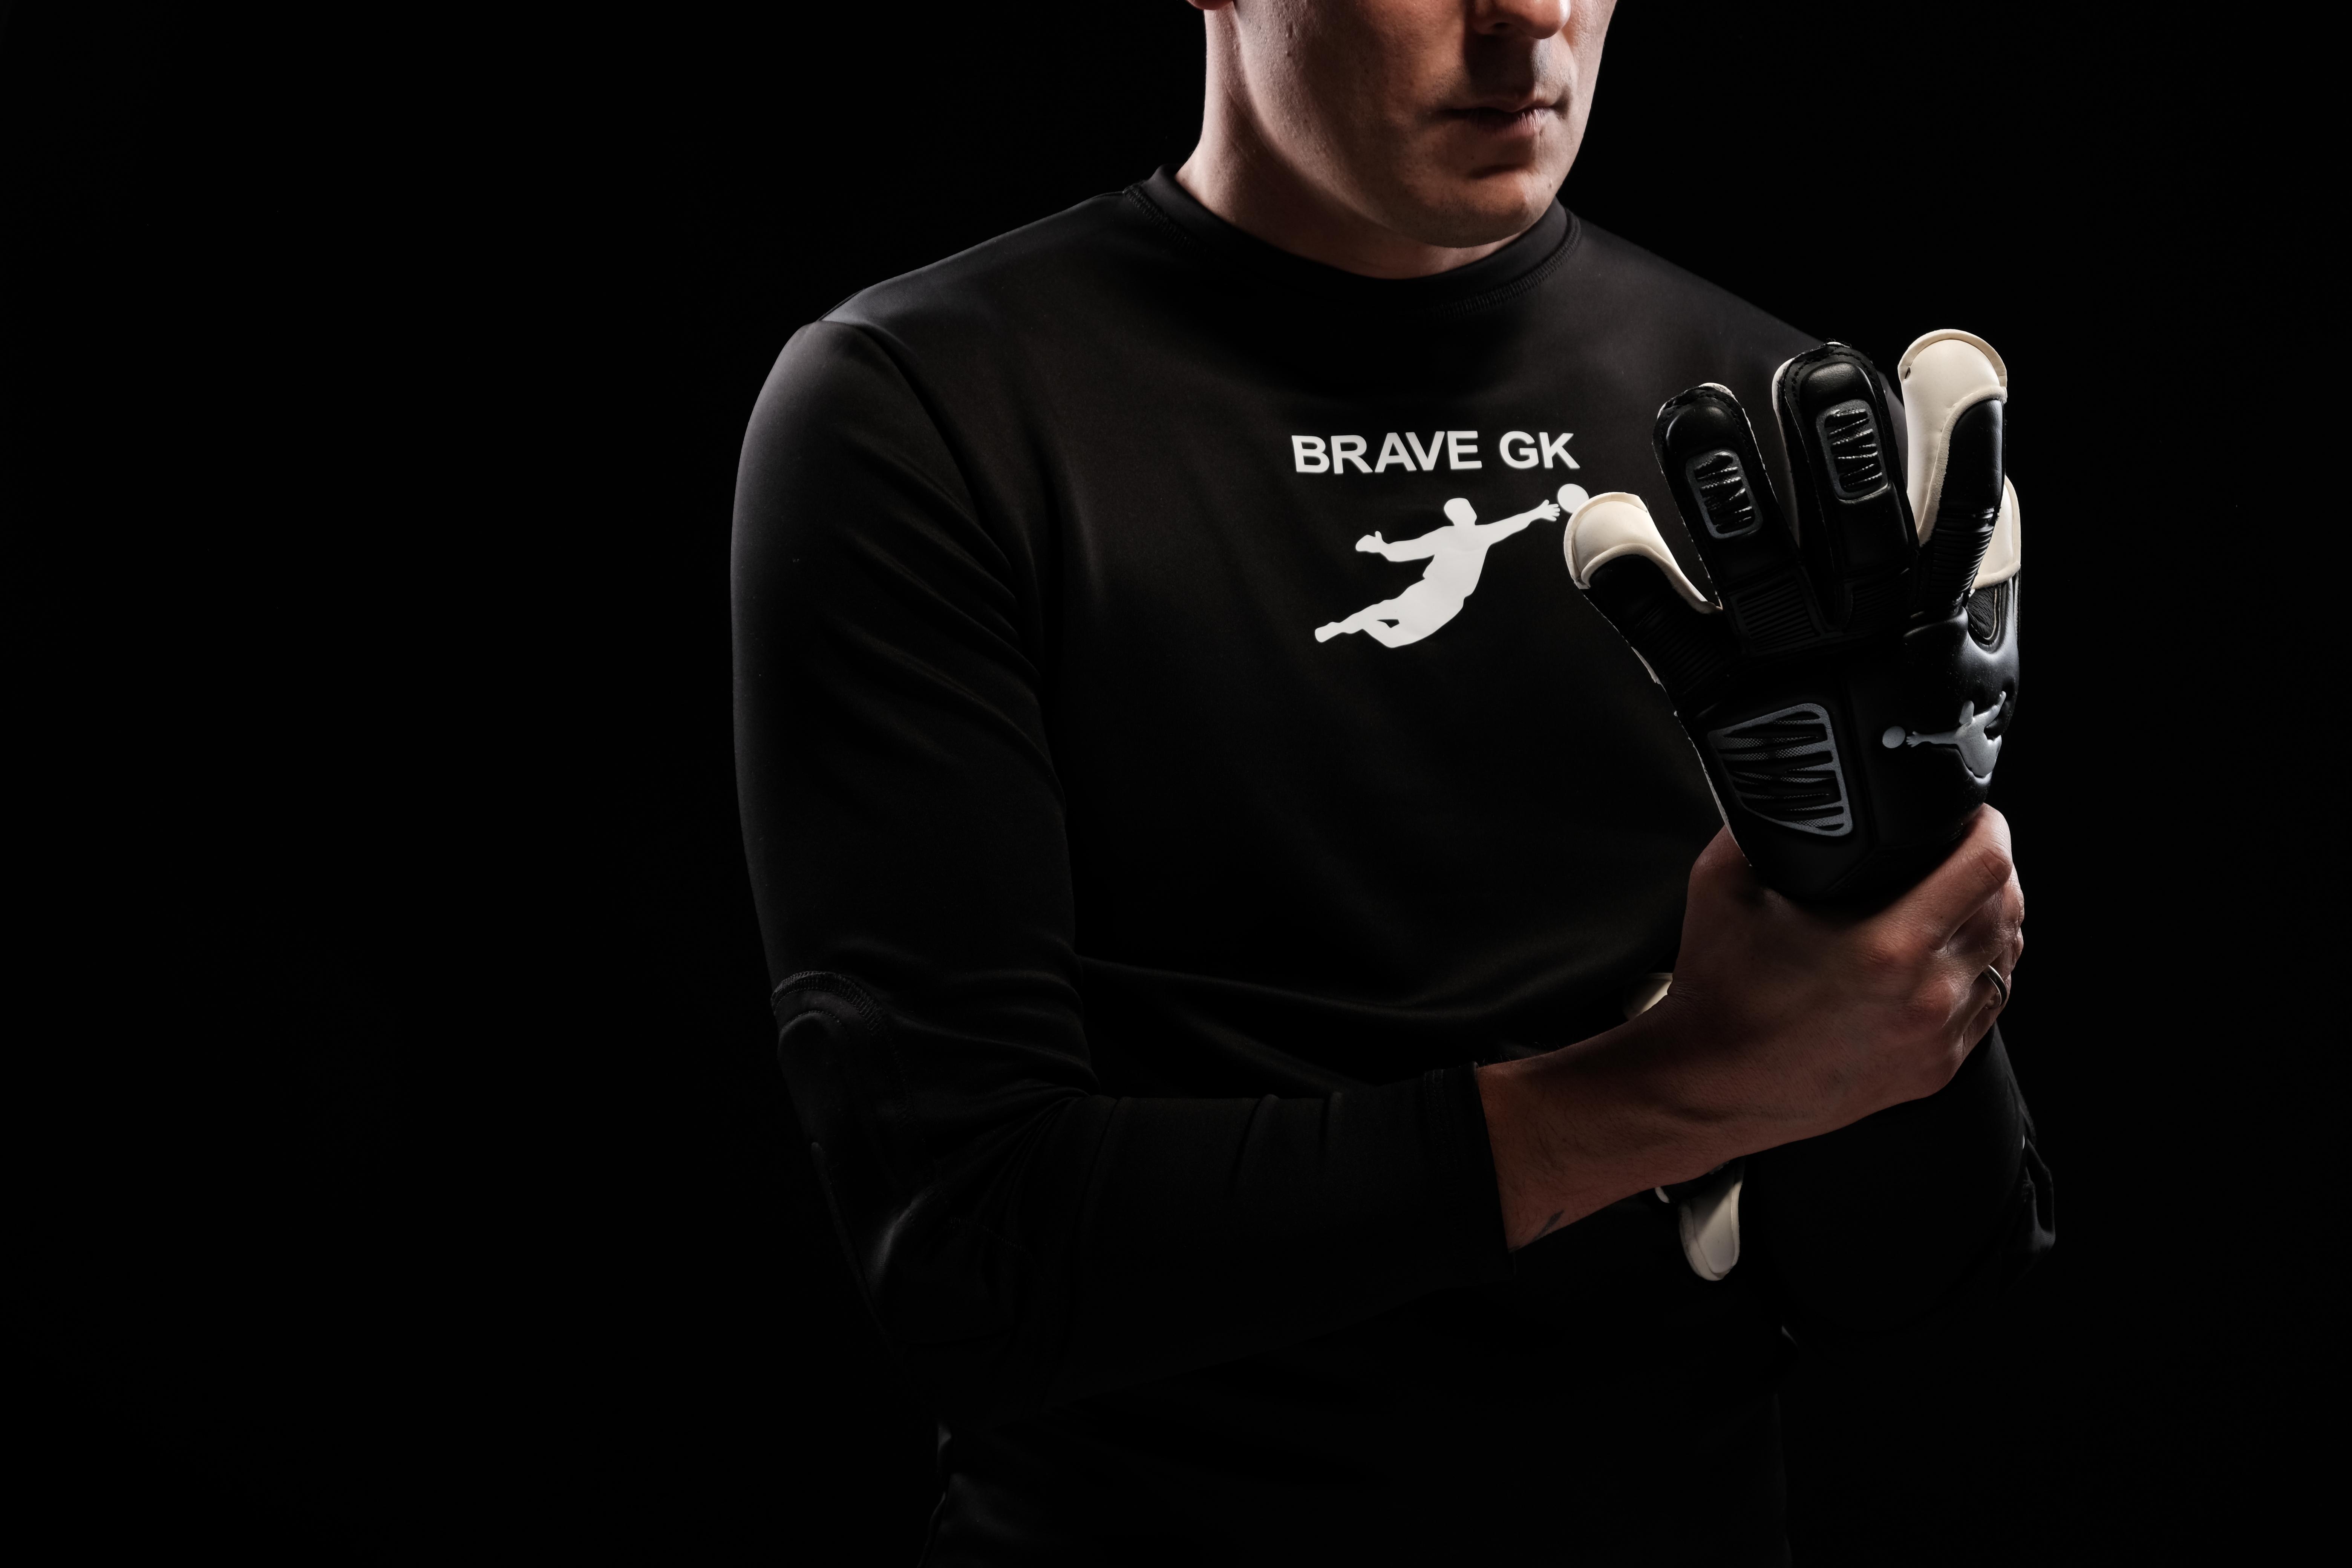 Термобелье для вратарей Brave GK-интернет магазин Brave GK